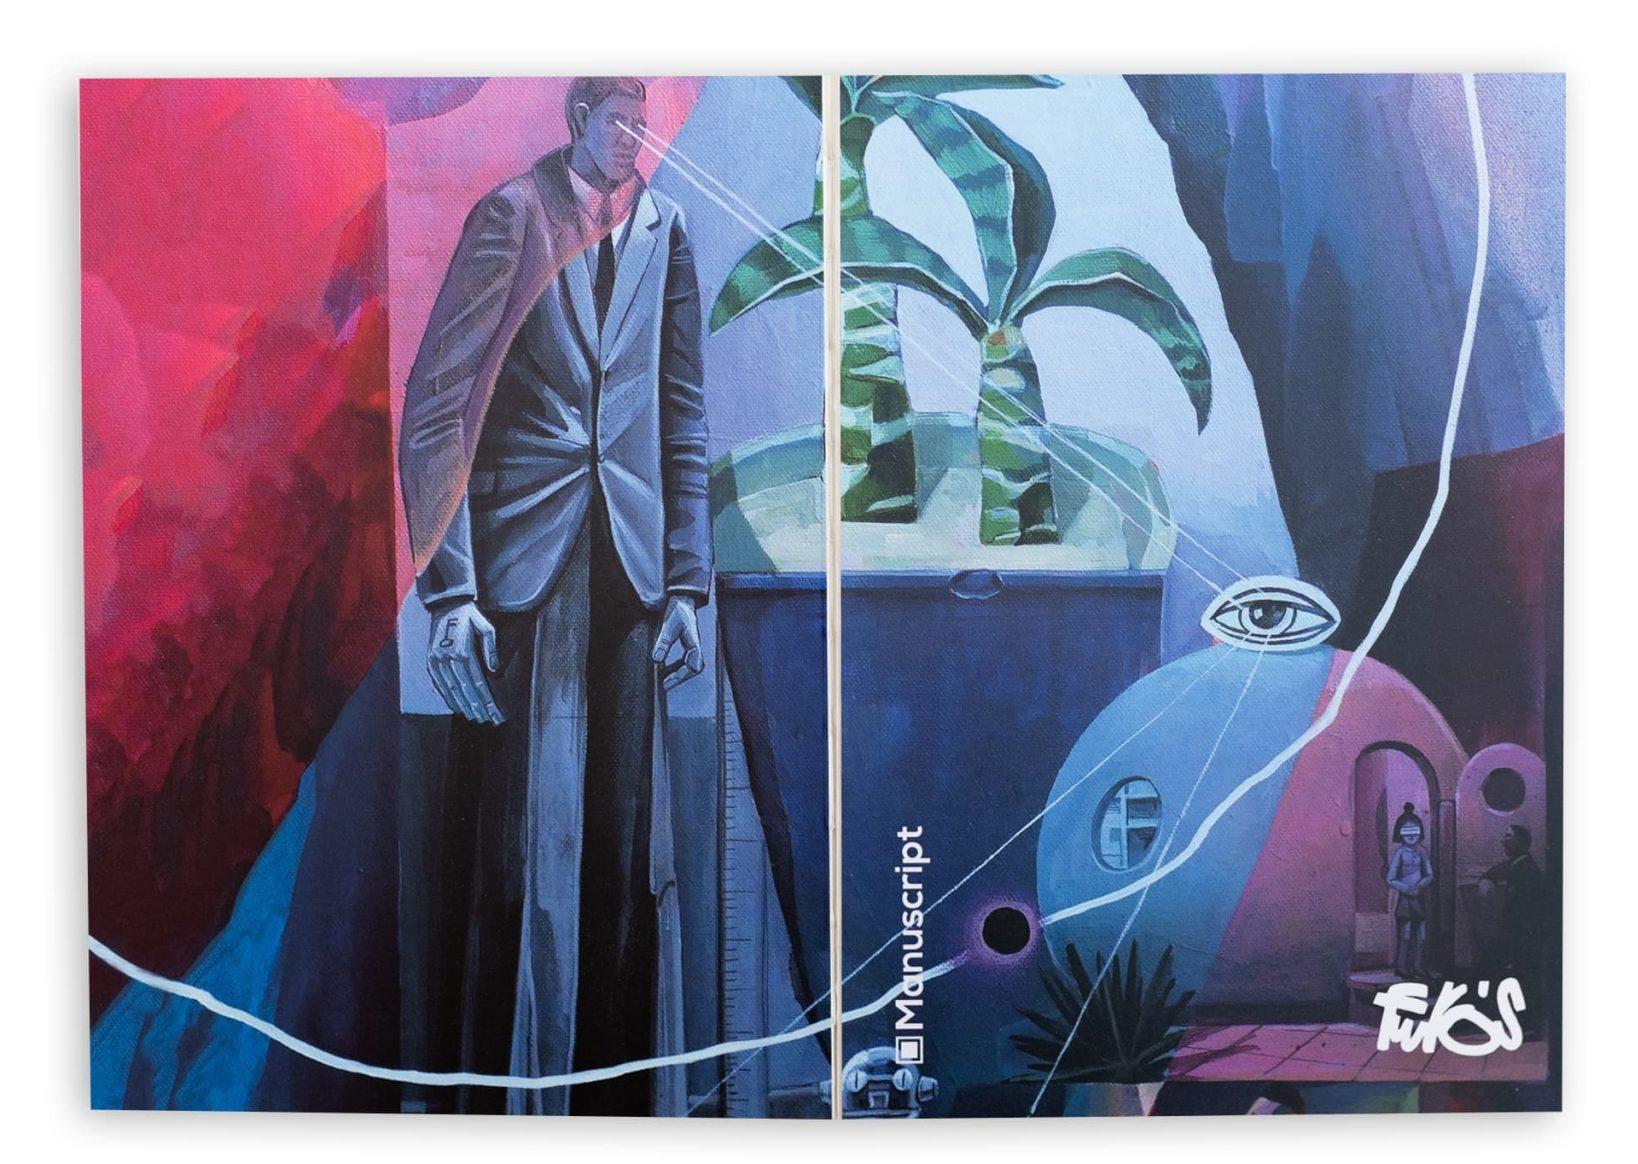 На обложке картина «is watching you» украинского художника Сергея Греха